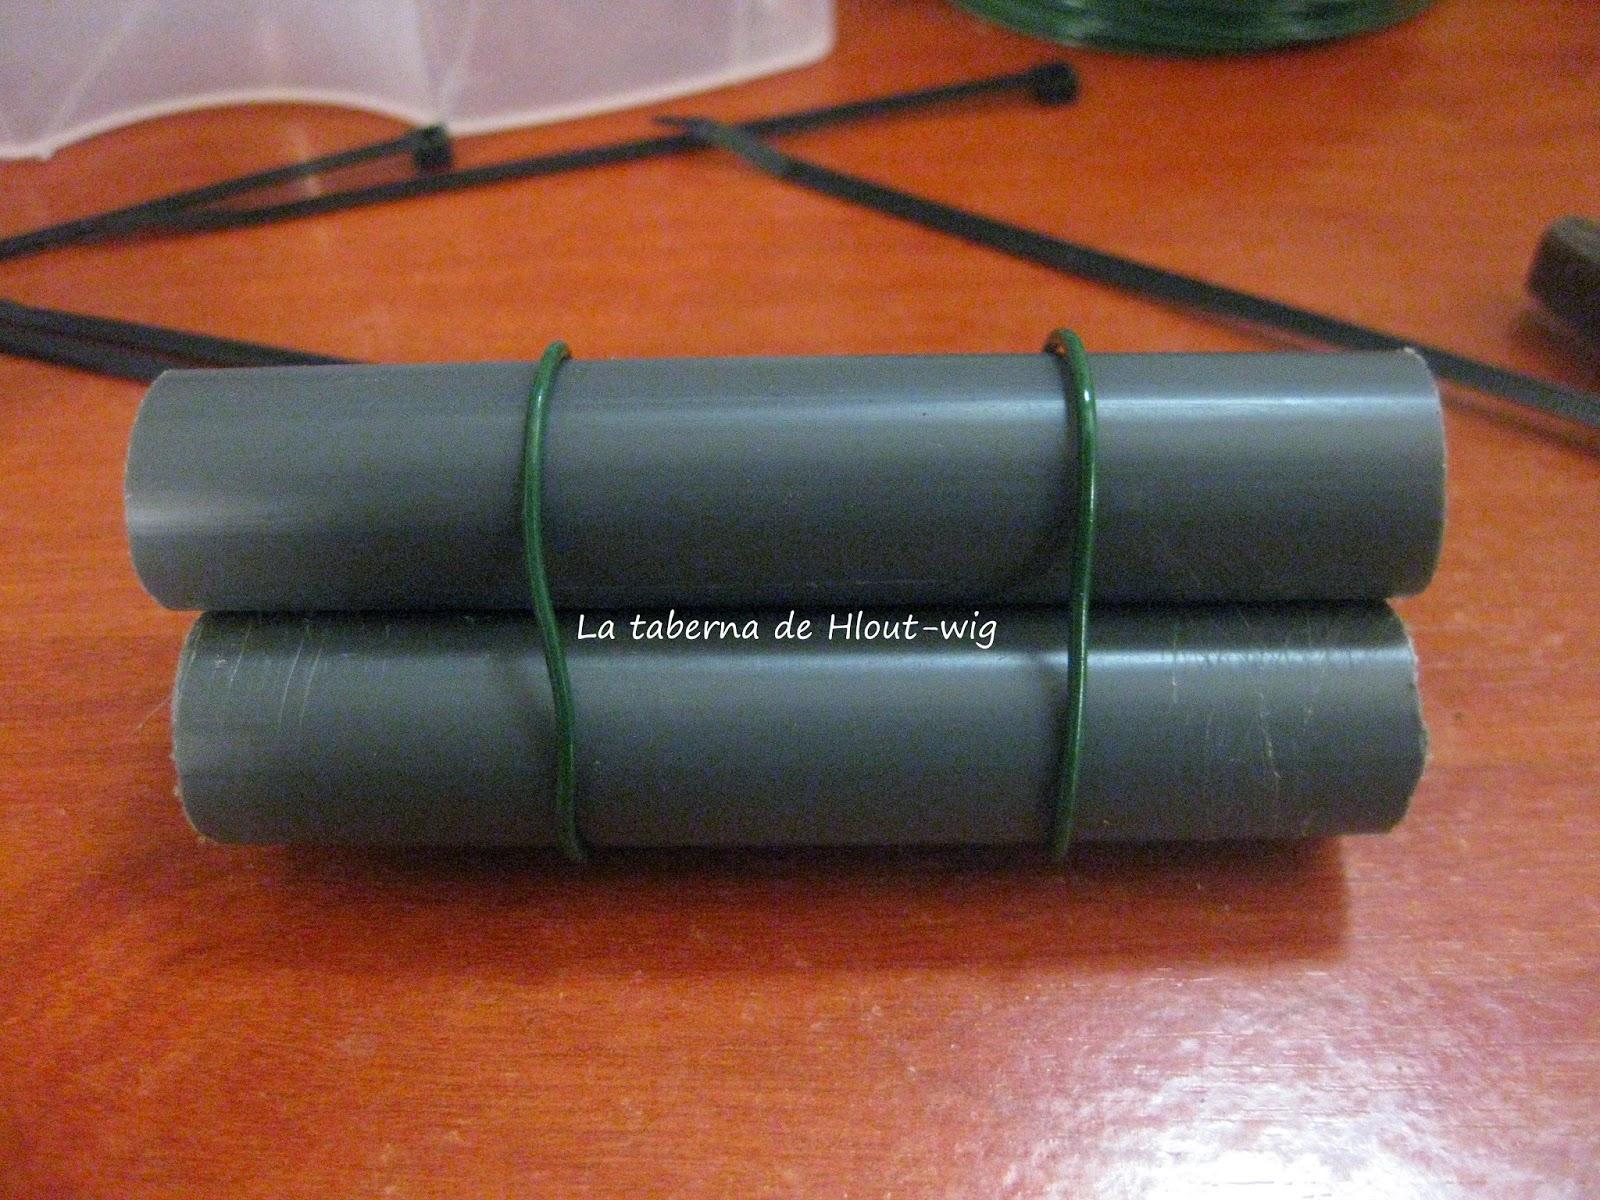 Tubos atados con alambres